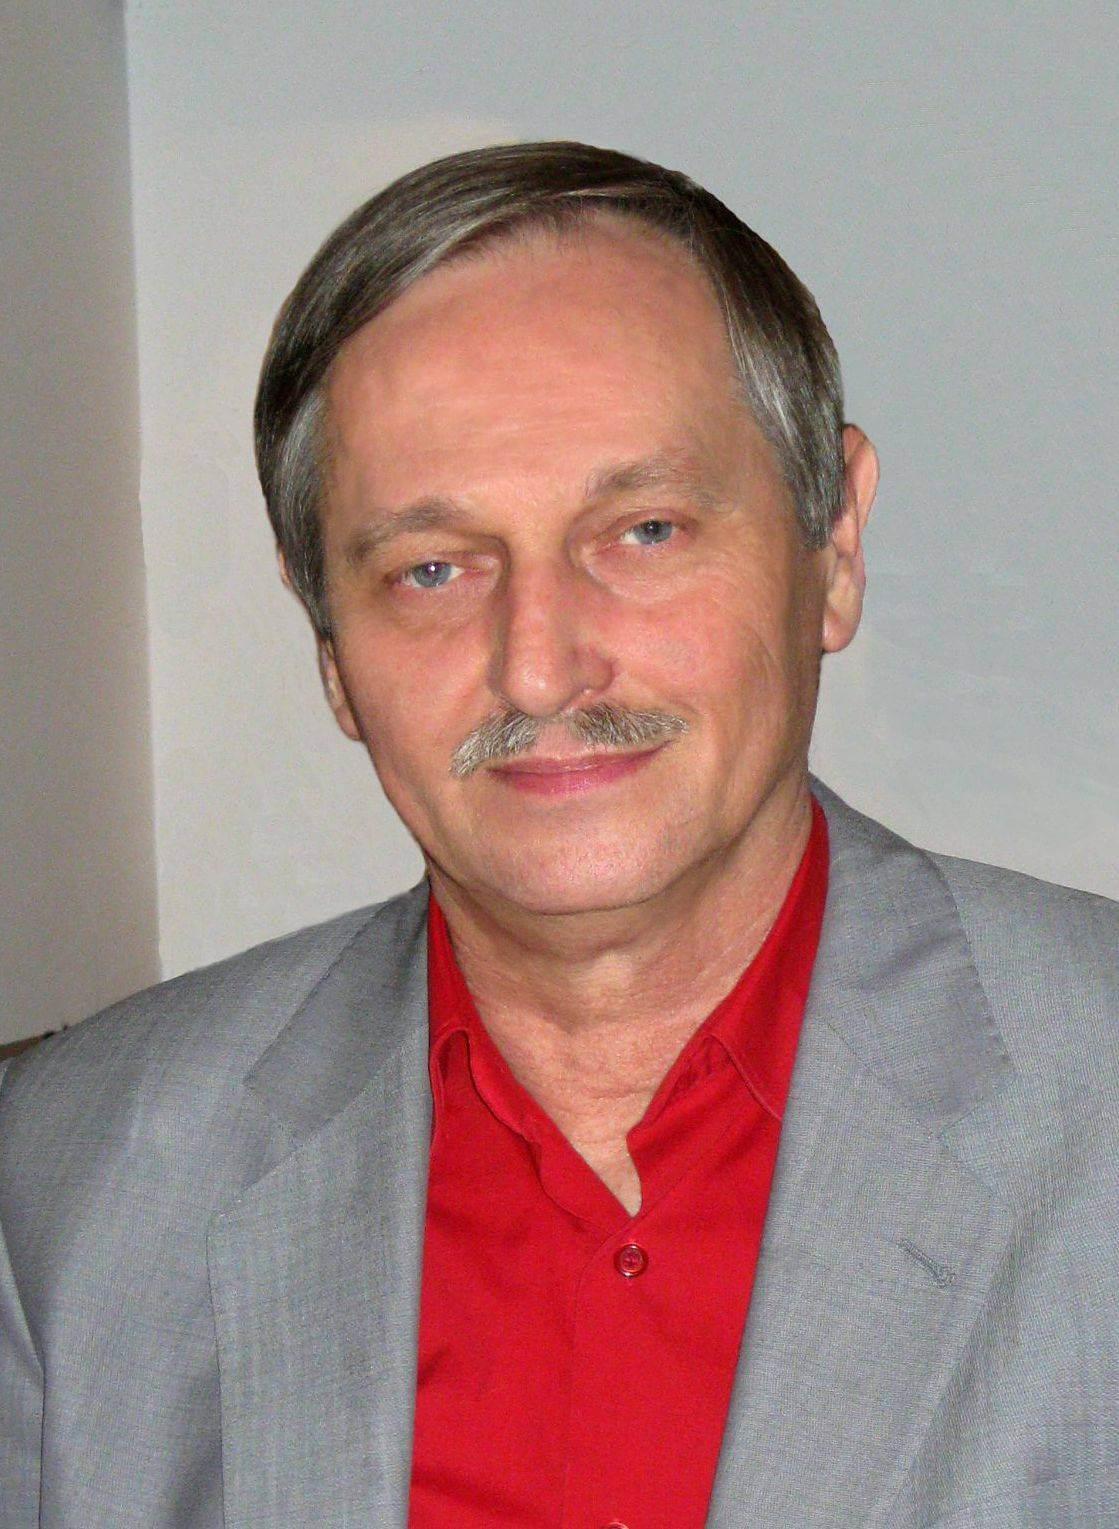 M Karpinski -  m_karpinski